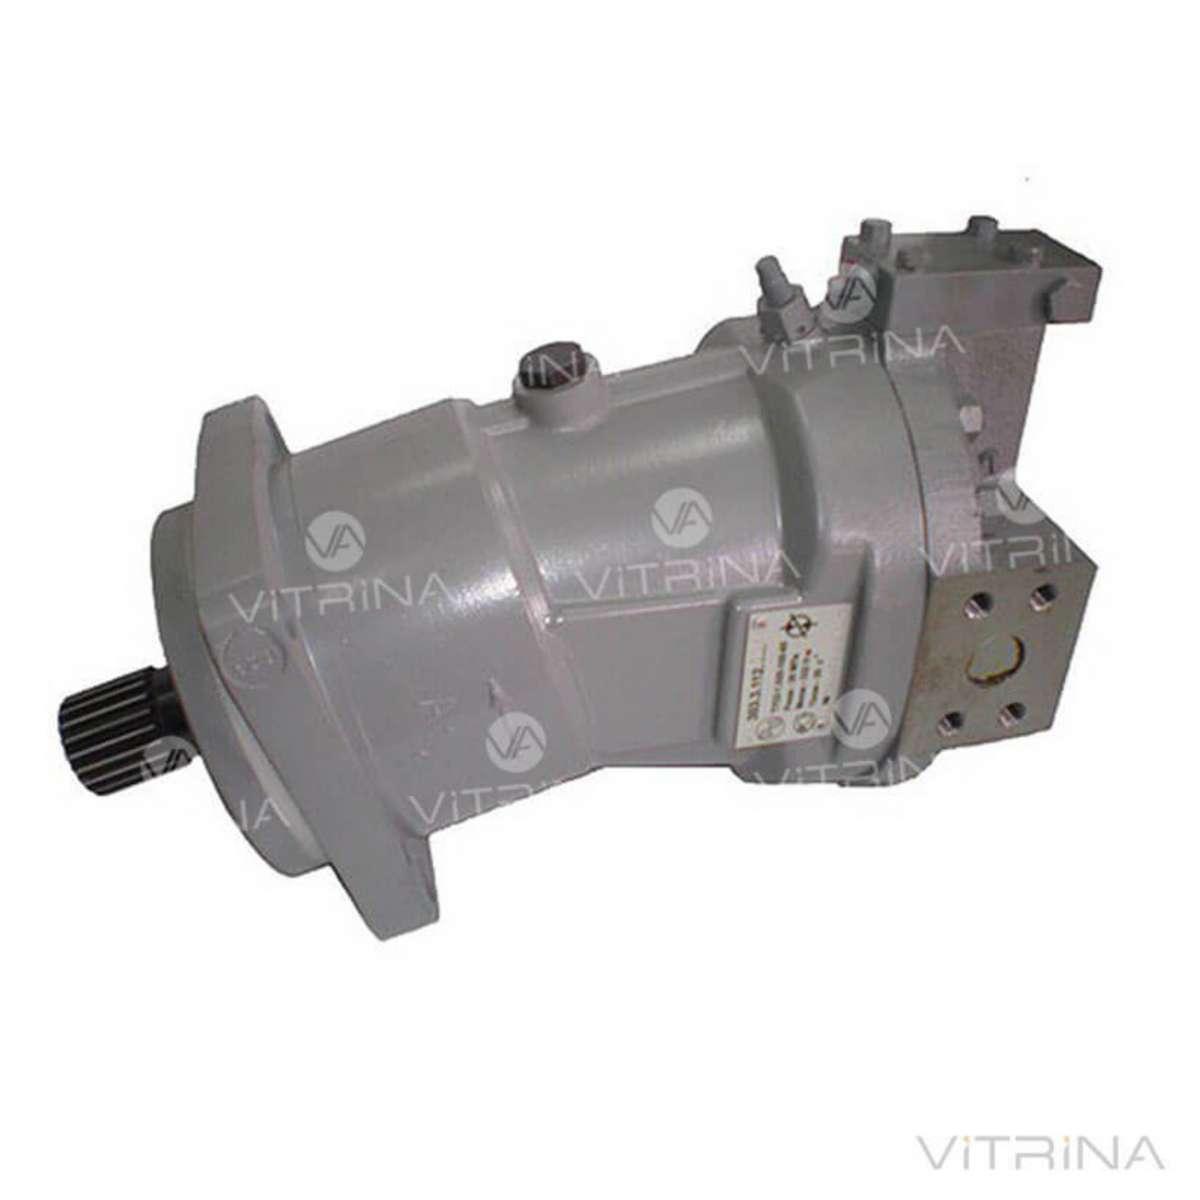 Гидромотор аксиально-поршневой 303.3.56.576.0 | шлицевой вал, реверс